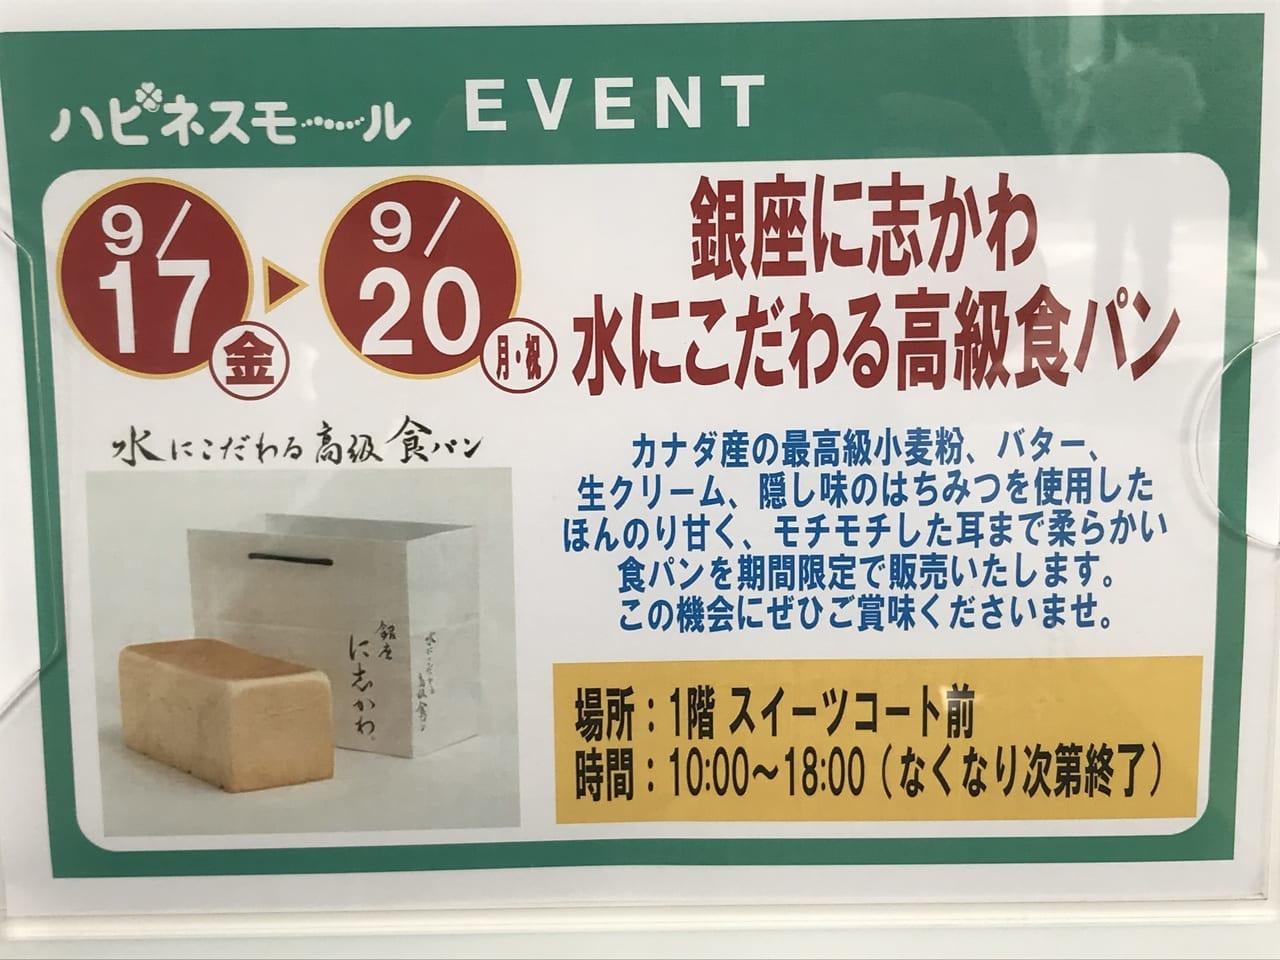 イオンモール和歌山イベント